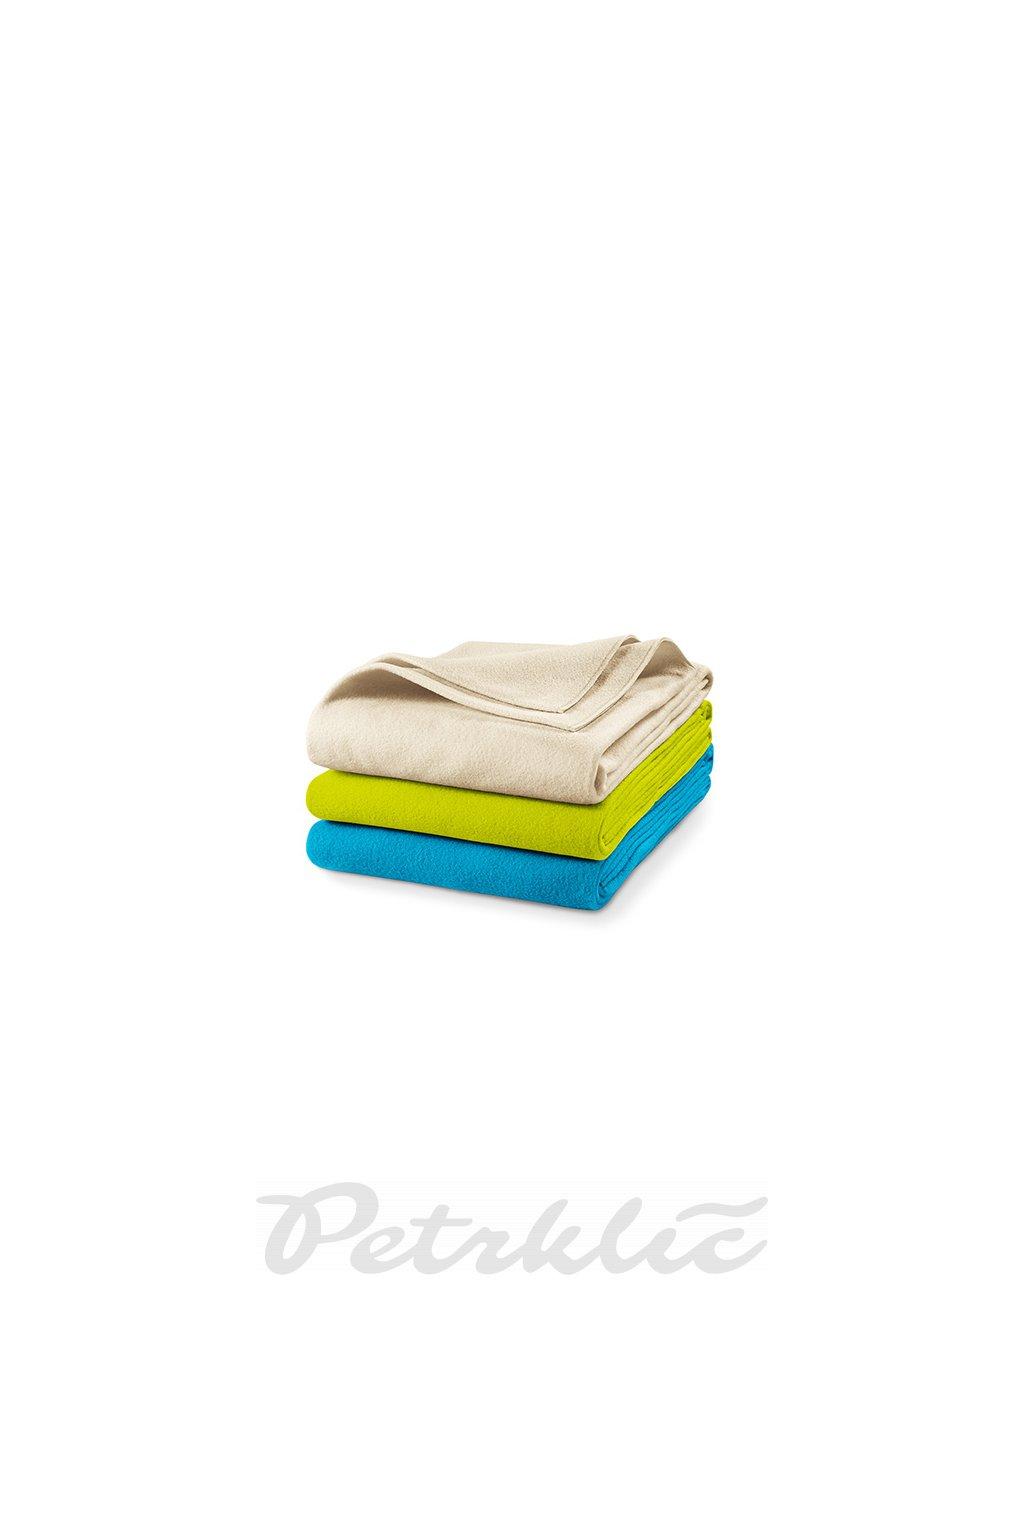 Hřejivá fleecová deka Blanky 150 x 120 cm